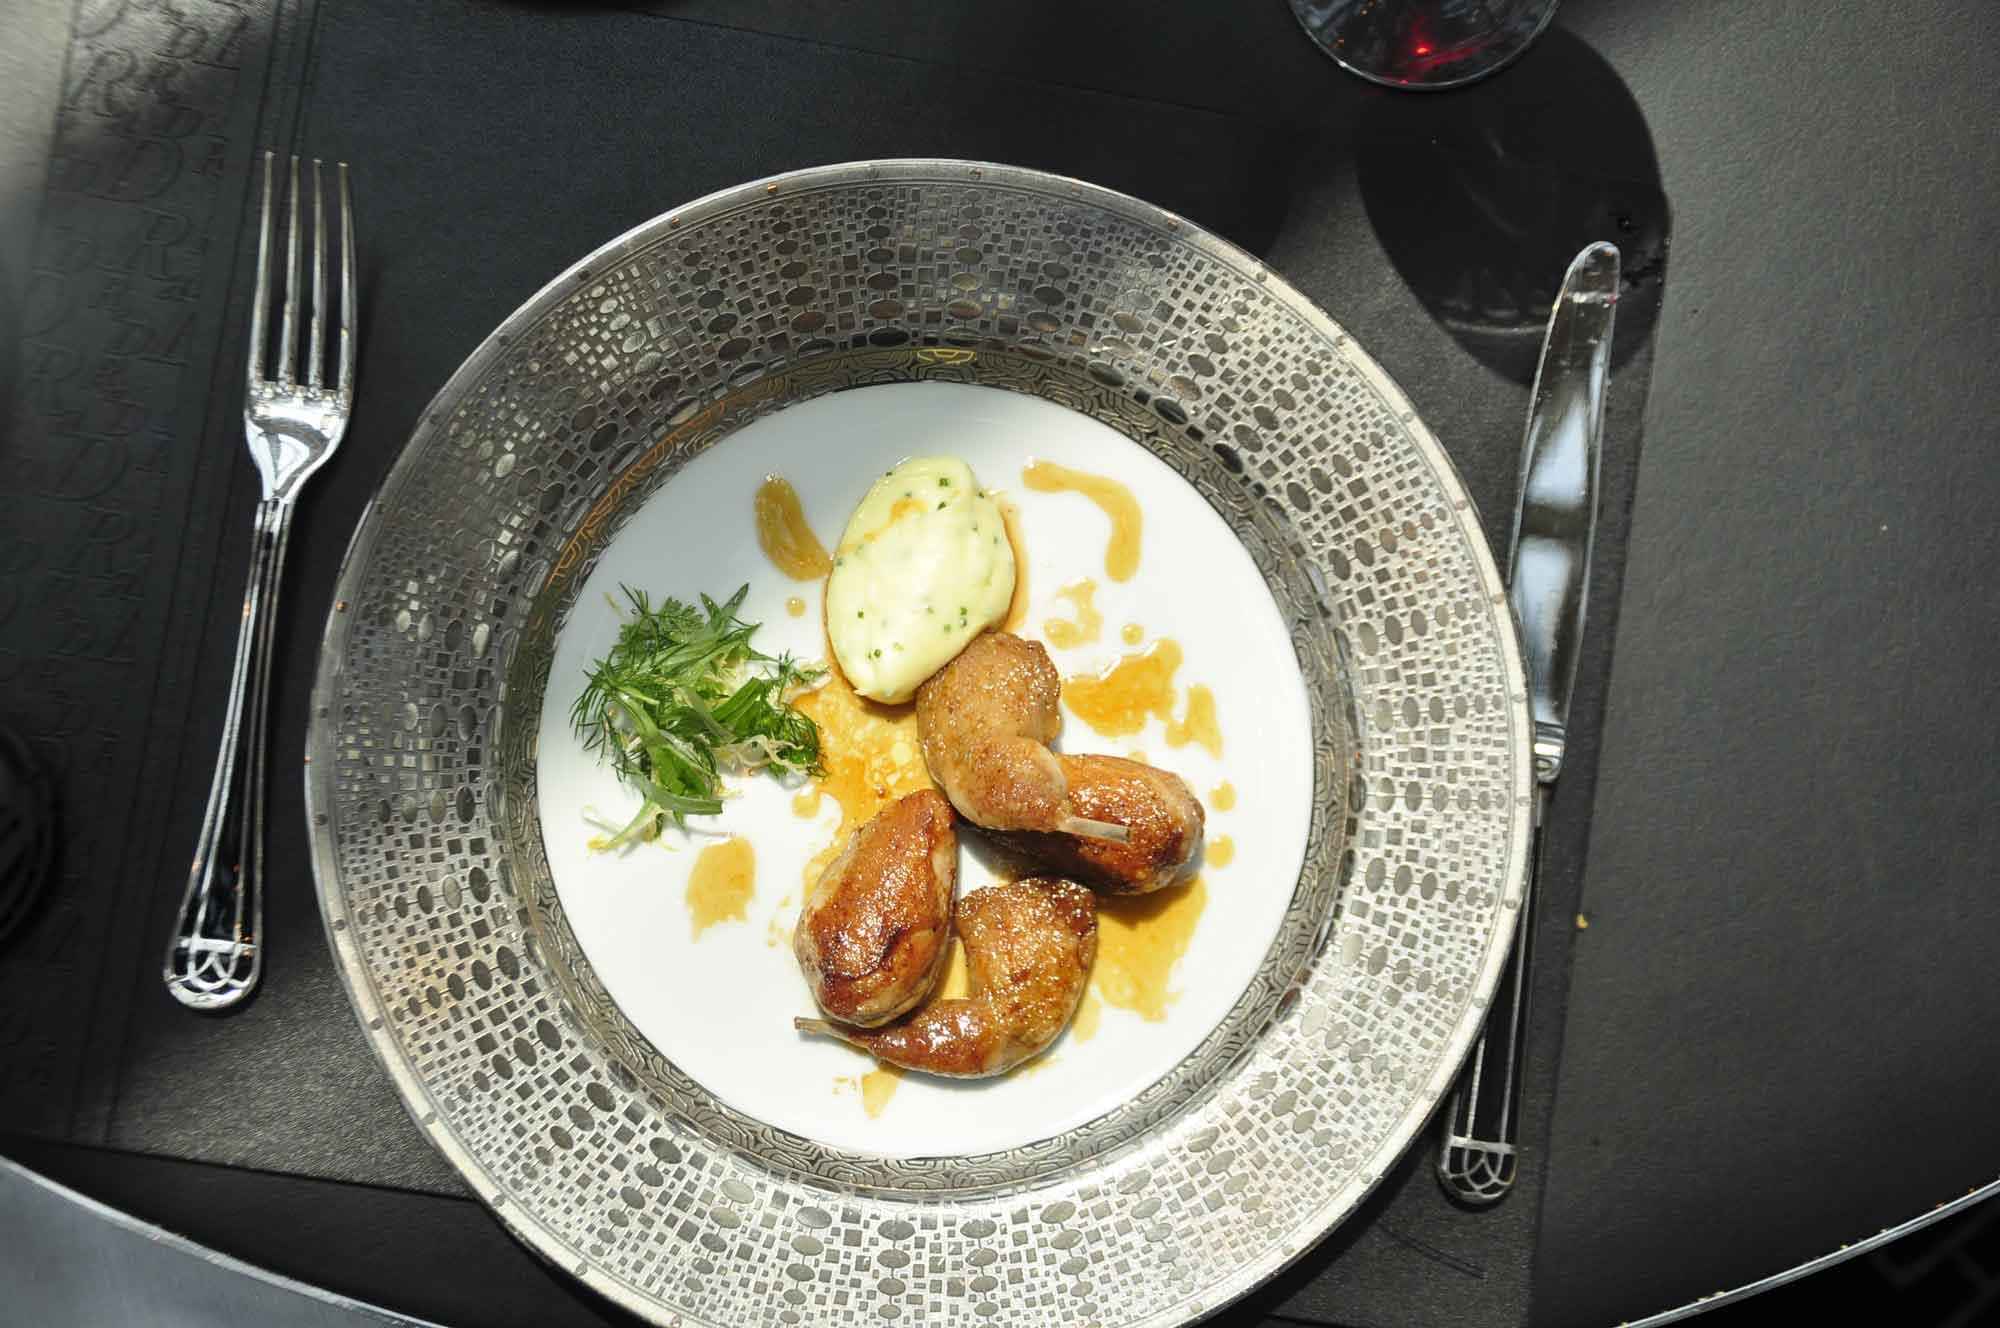 Robuchon Au Dome meat main course